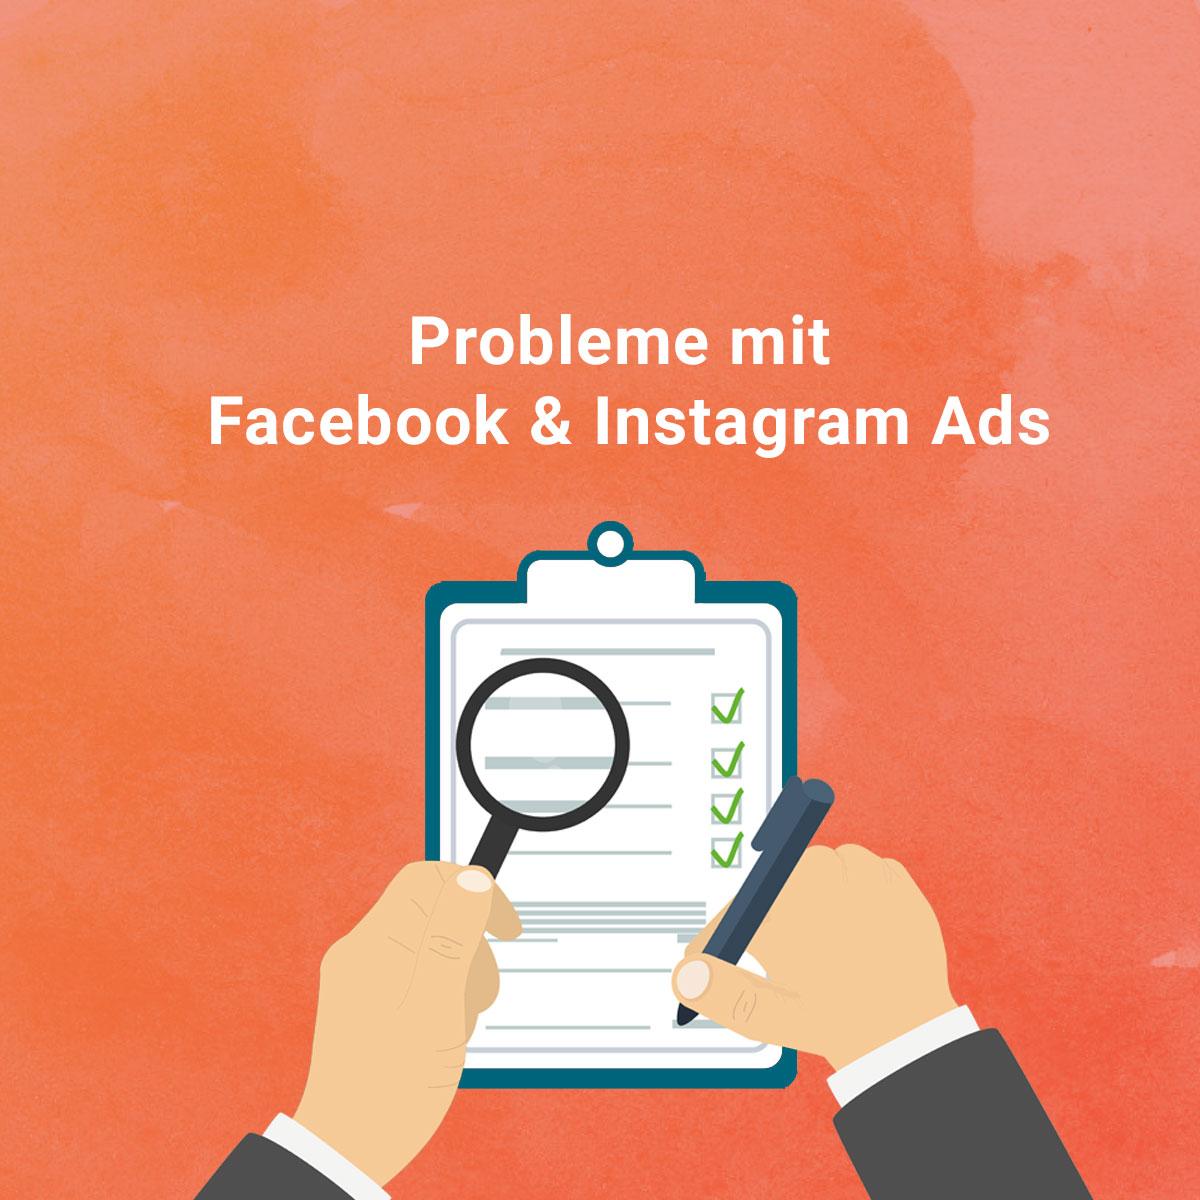 Probleme-mit-Facebook-Instagram-Ads-Die-h-ufigsten-Fehler-und-deren-L-sung